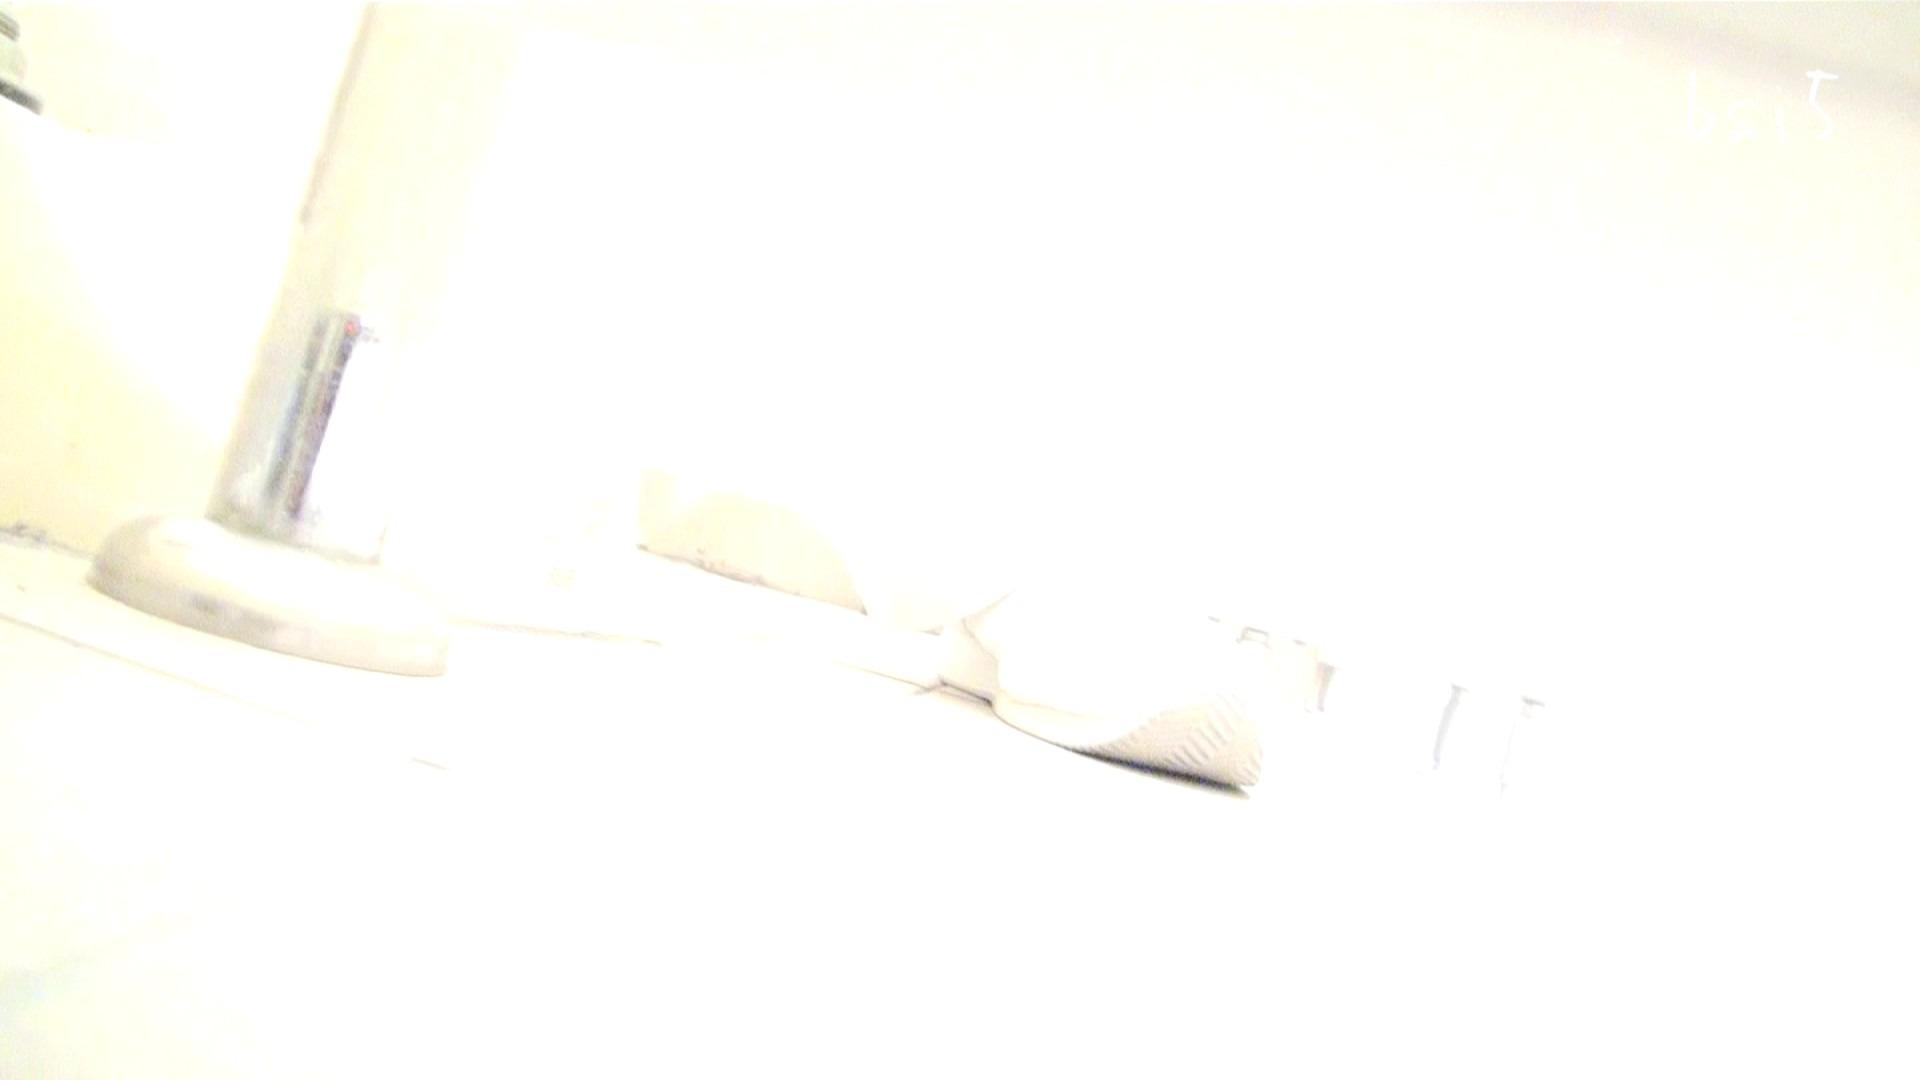 至高下半身盗撮-PREMIUM-【院内病棟編 】 vol.05 下半身 オマンコ動画キャプチャ 75pic 8